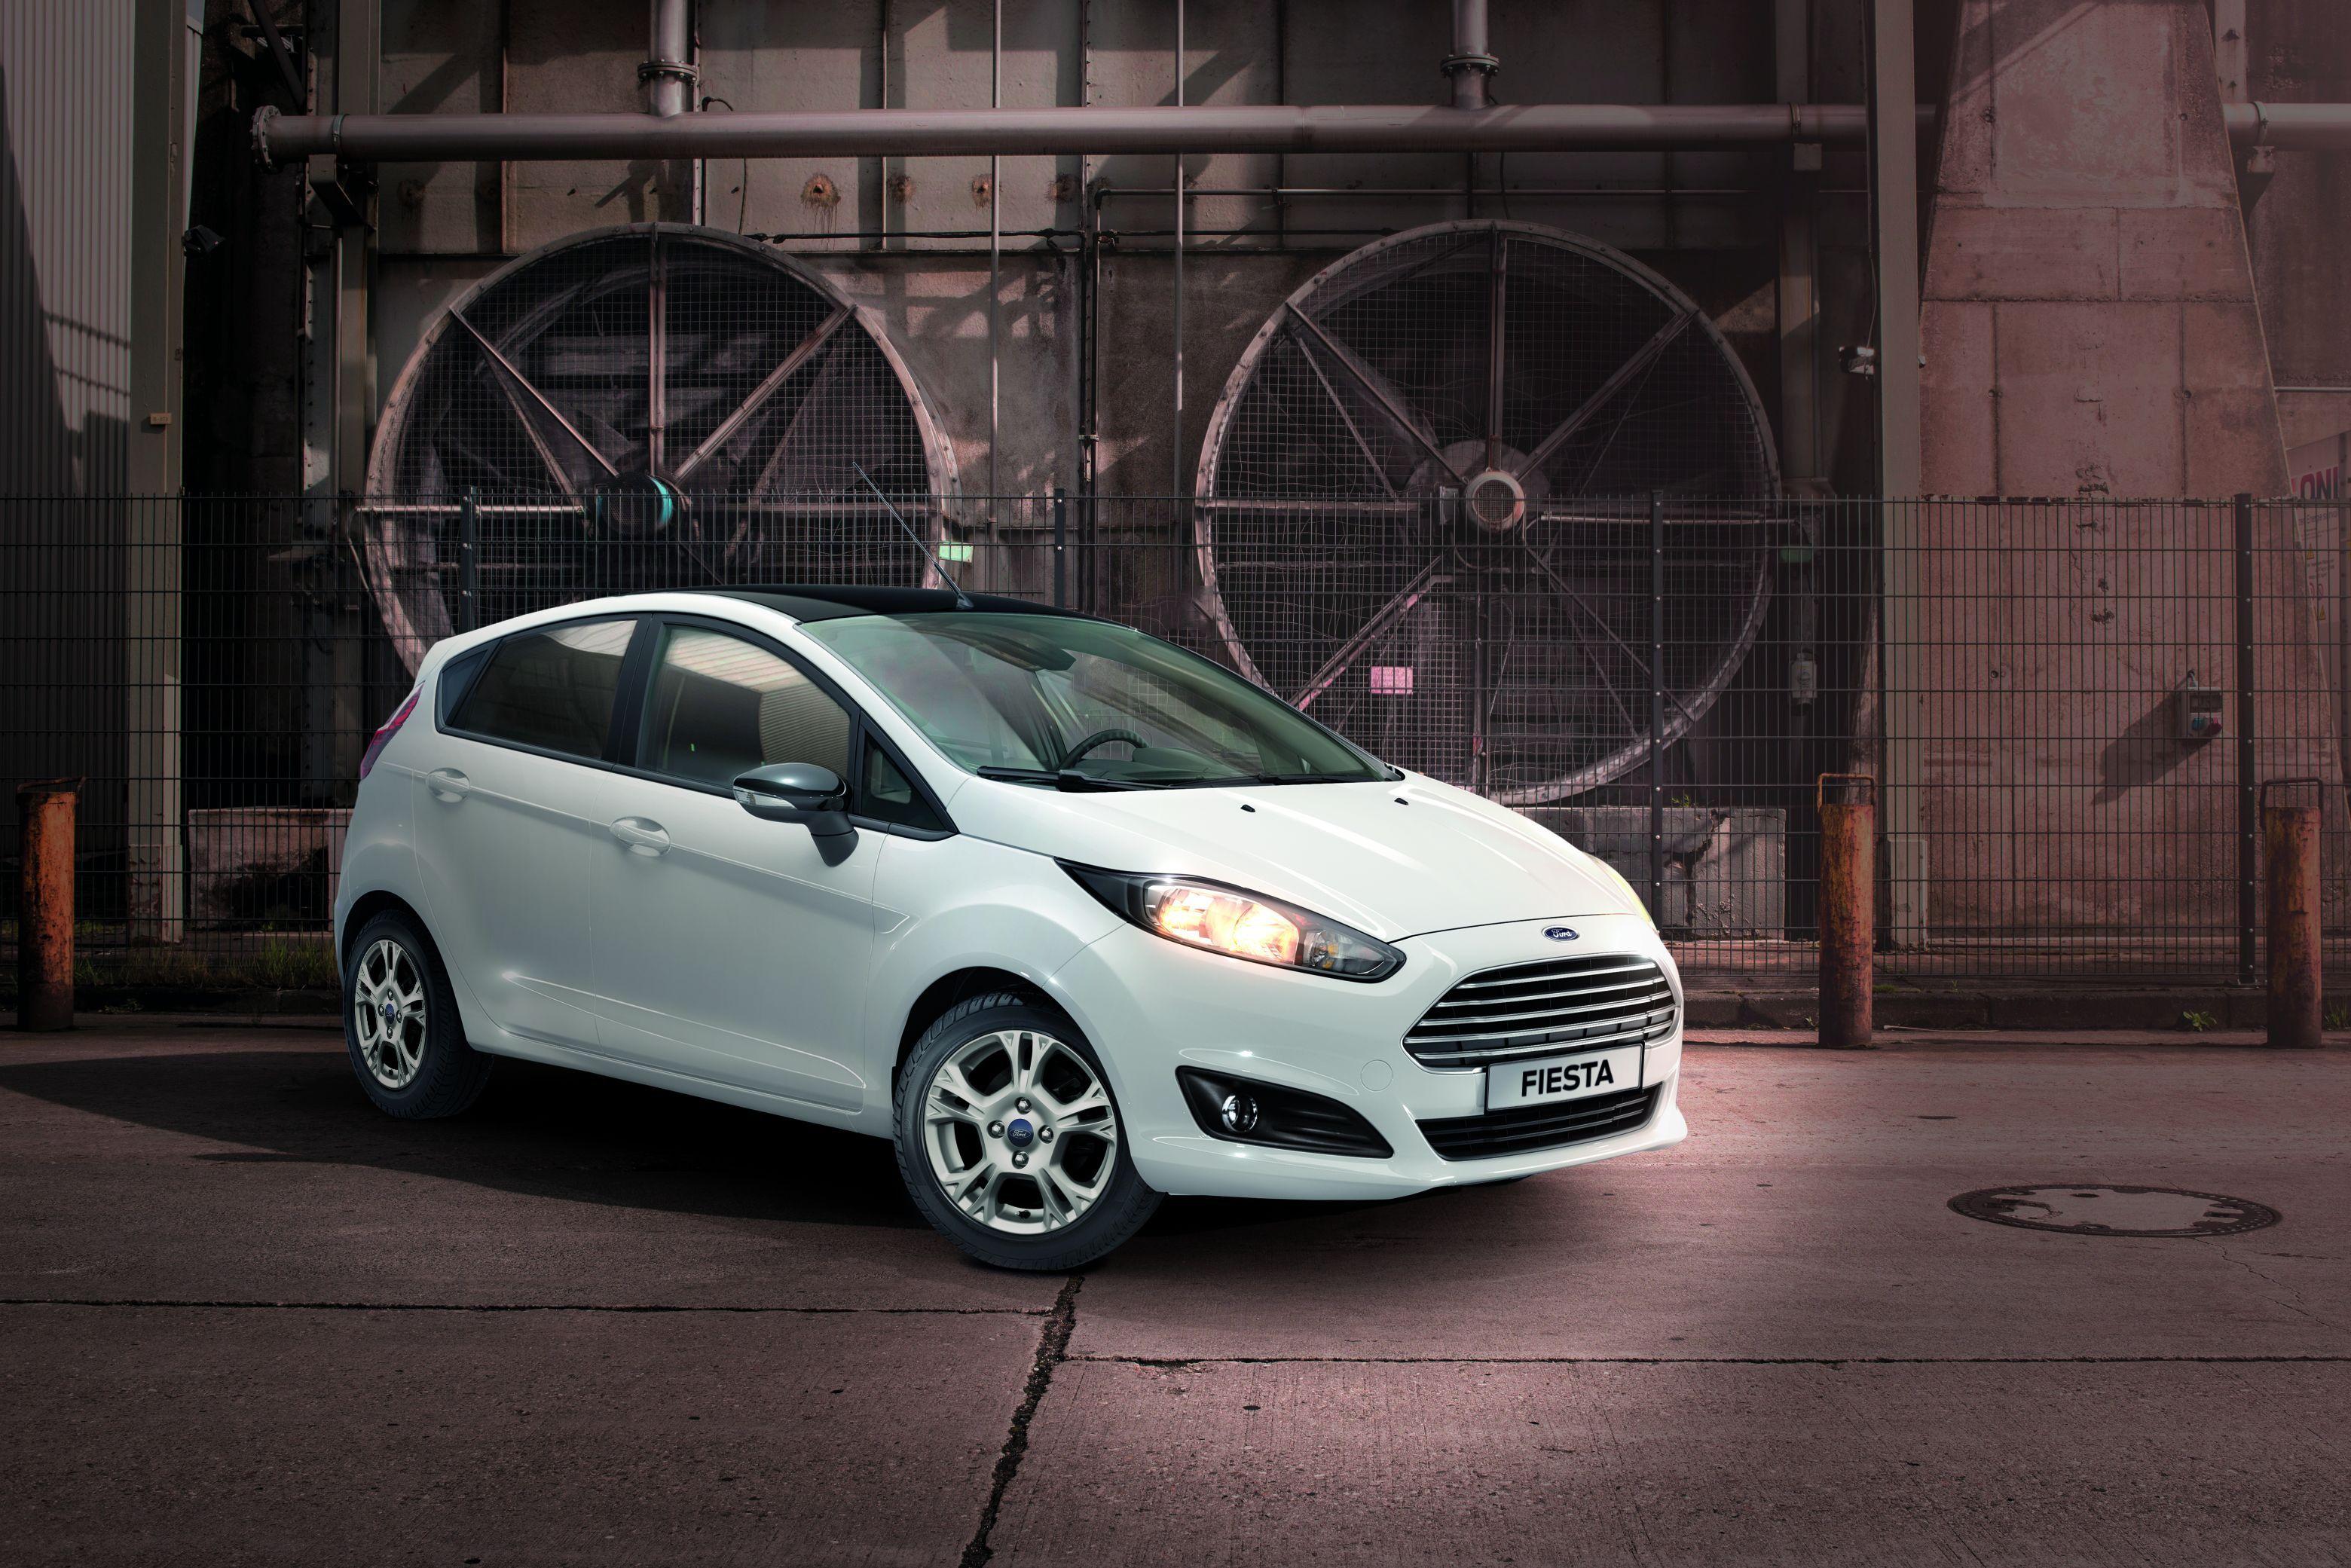 Géén witte senstatie: gelimiteerde Ford Fiesta White Edition